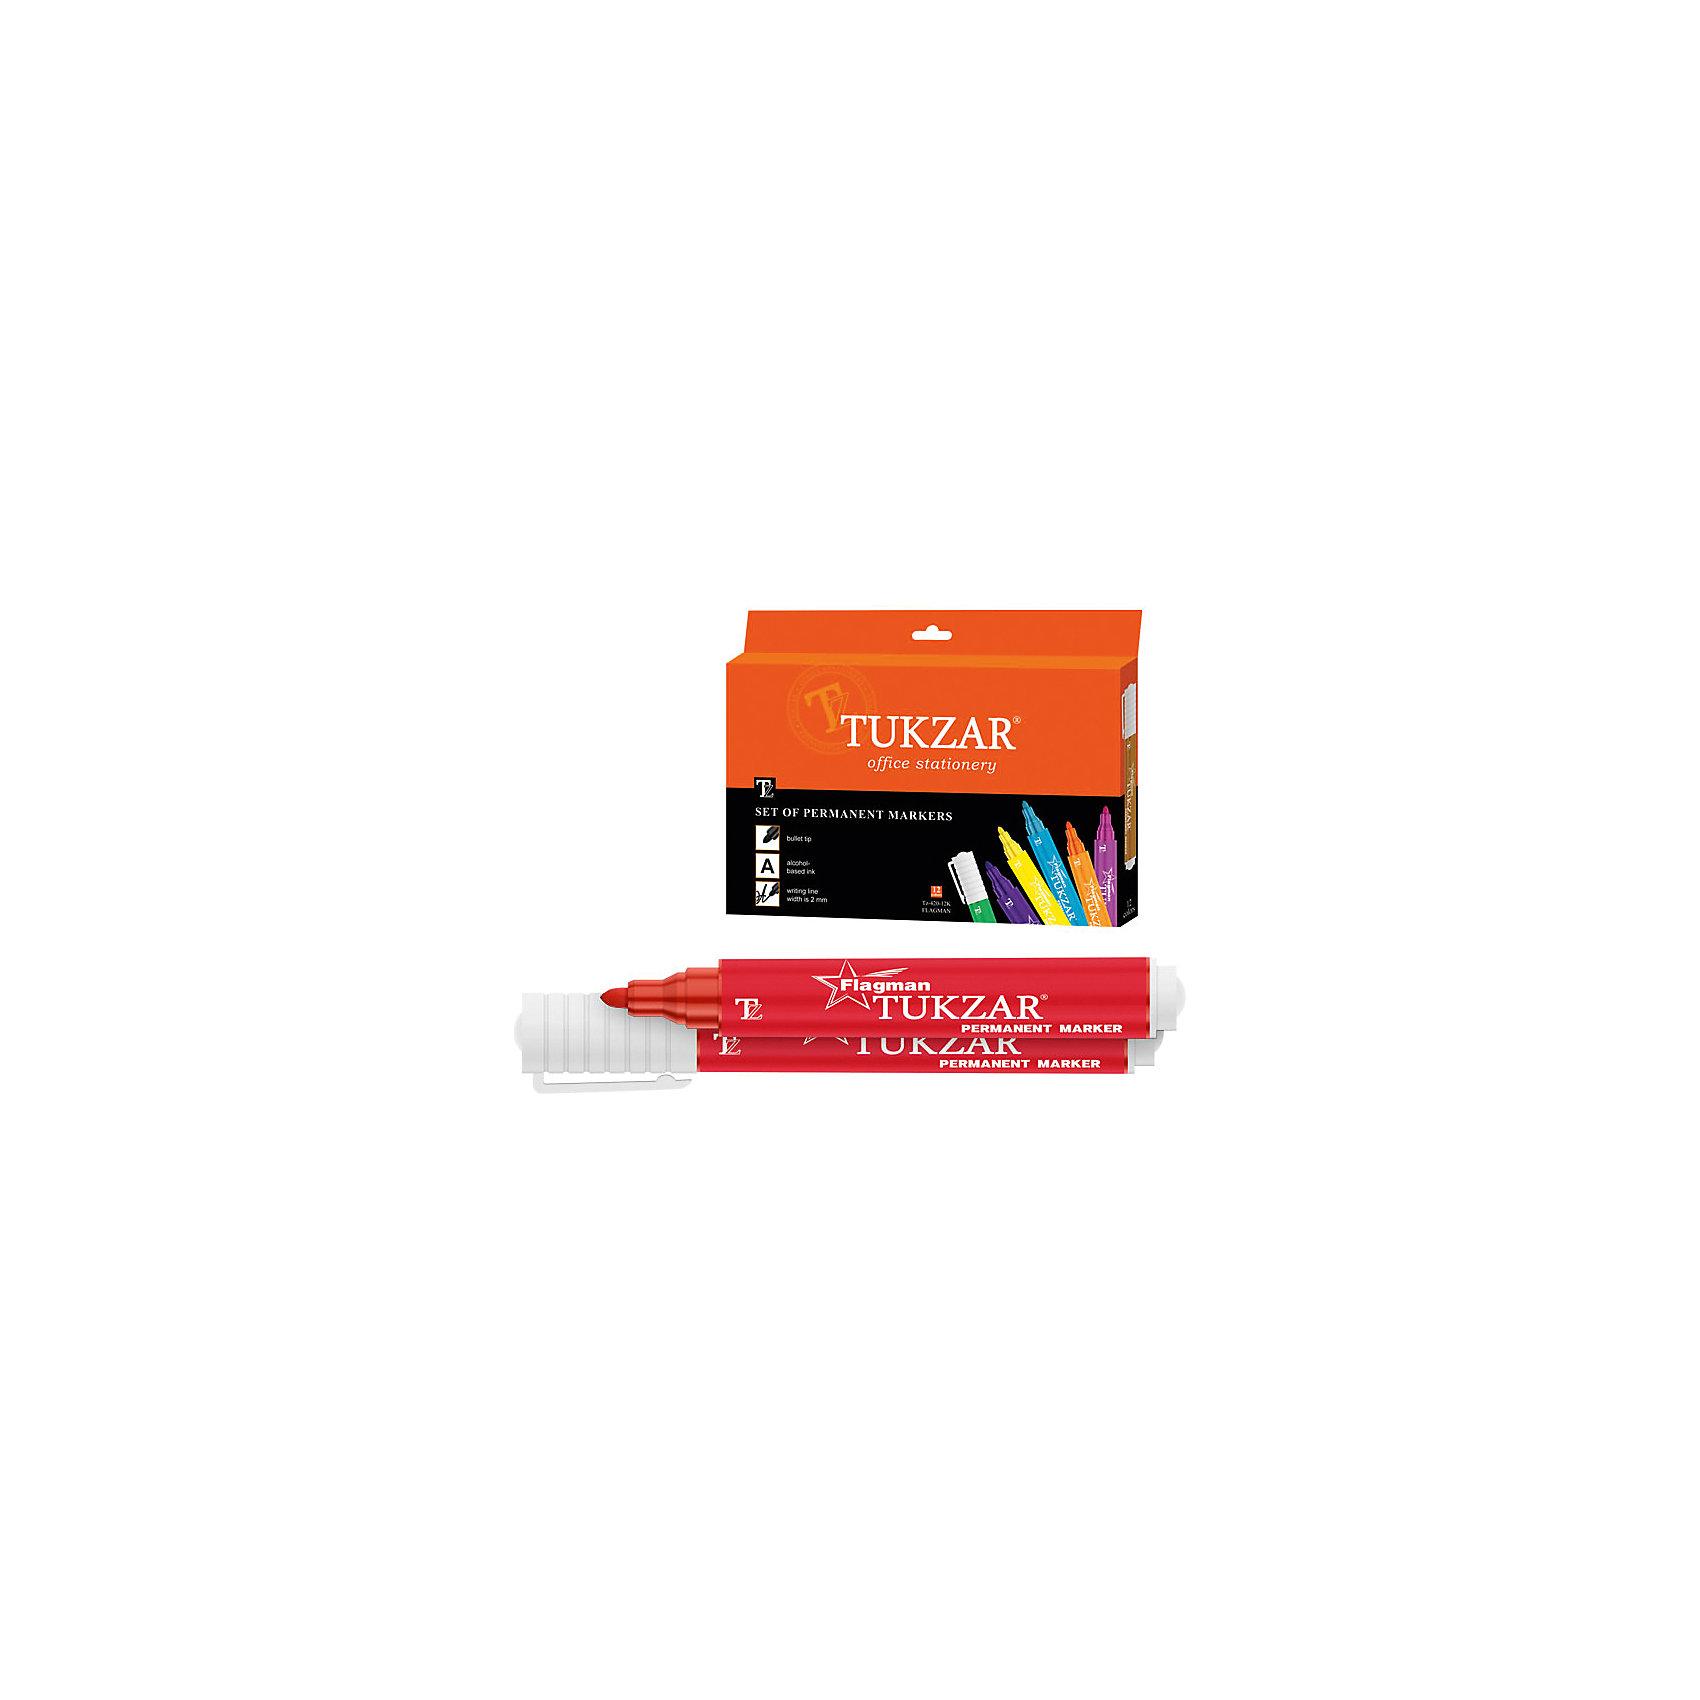 Перманентные маркеры Flagman 12 цветовНабор маркеров перманентных FLAGMAN, 12 цветов, пулевидный наконечник, 2 мм, упаковка - картонная коробка<br><br><br>Надпись, сделанная перманентным маркером FLAGMAN, не сотрется и не смажется. Острый наконечник позволяет прорабатывать мелкие детали и сложные шрифты.  <br><br>Дополнительная информация:<br><br>- Материал: пластик, чернила.<br>- Размер упаковки: 16х21,5 см.<br>- Диаметр наконечника: 2 мм. <br>- Острый, пулевидный наконечник.<br>- 12 цветов в комплекте. <br><br>Перманентные маркеры Flagman, 12 цветов, можно купить в нашем магазине.<br><br>Ширина мм: 160<br>Глубина мм: 215<br>Высота мм: 20<br>Вес г: 250<br>Возраст от месяцев: 36<br>Возраст до месяцев: 2147483647<br>Пол: Унисекс<br>Возраст: Детский<br>SKU: 4293051